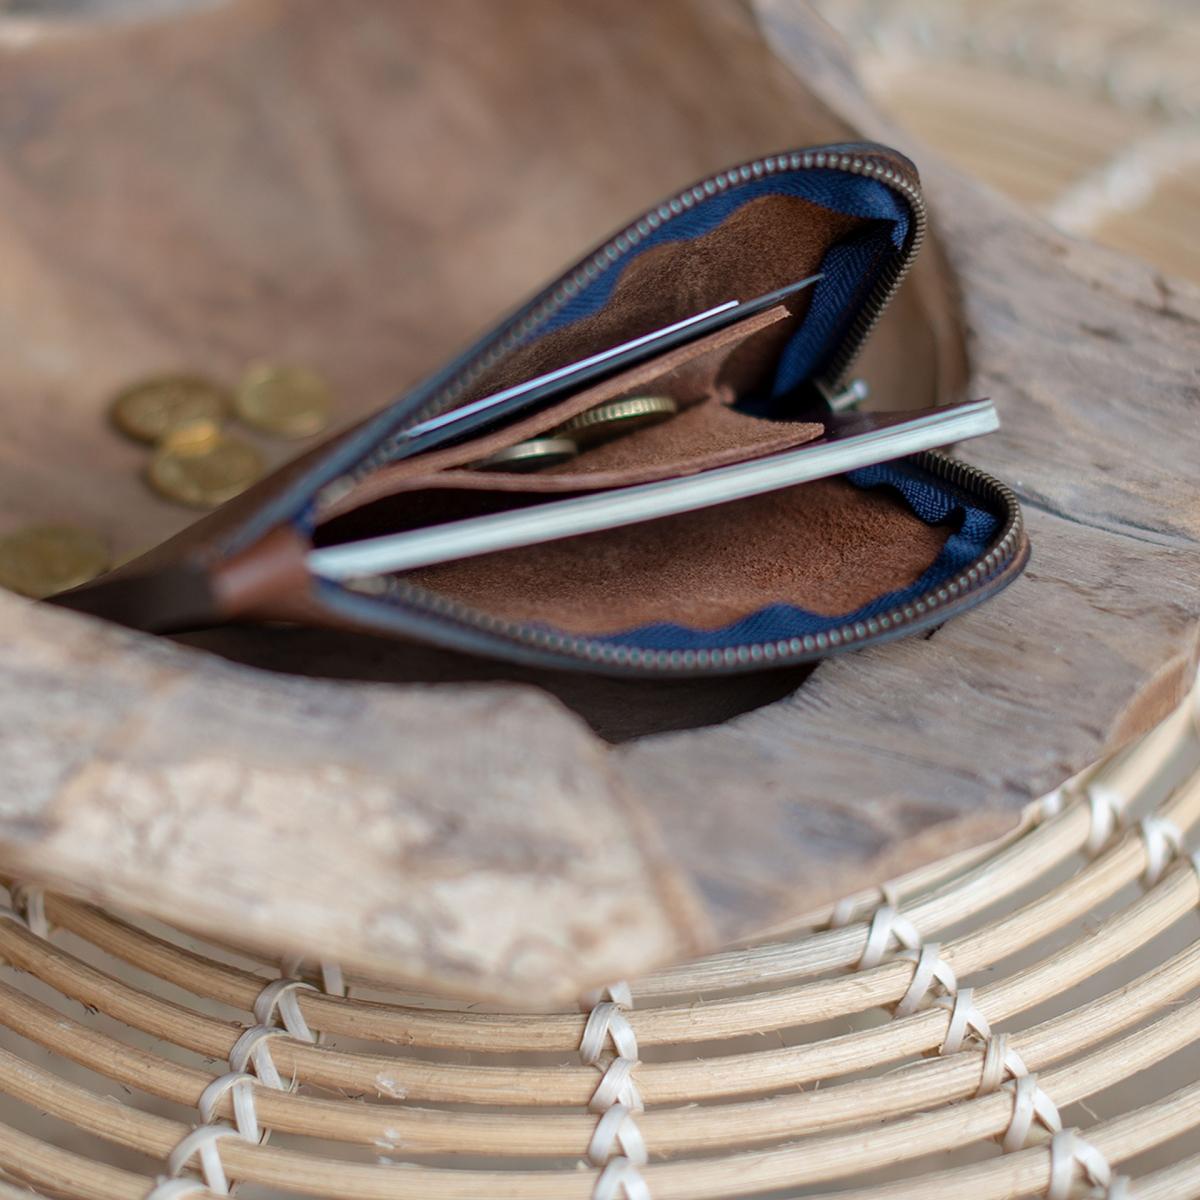 Daron zippered purse / XL - Cuba Libre (image n°5)